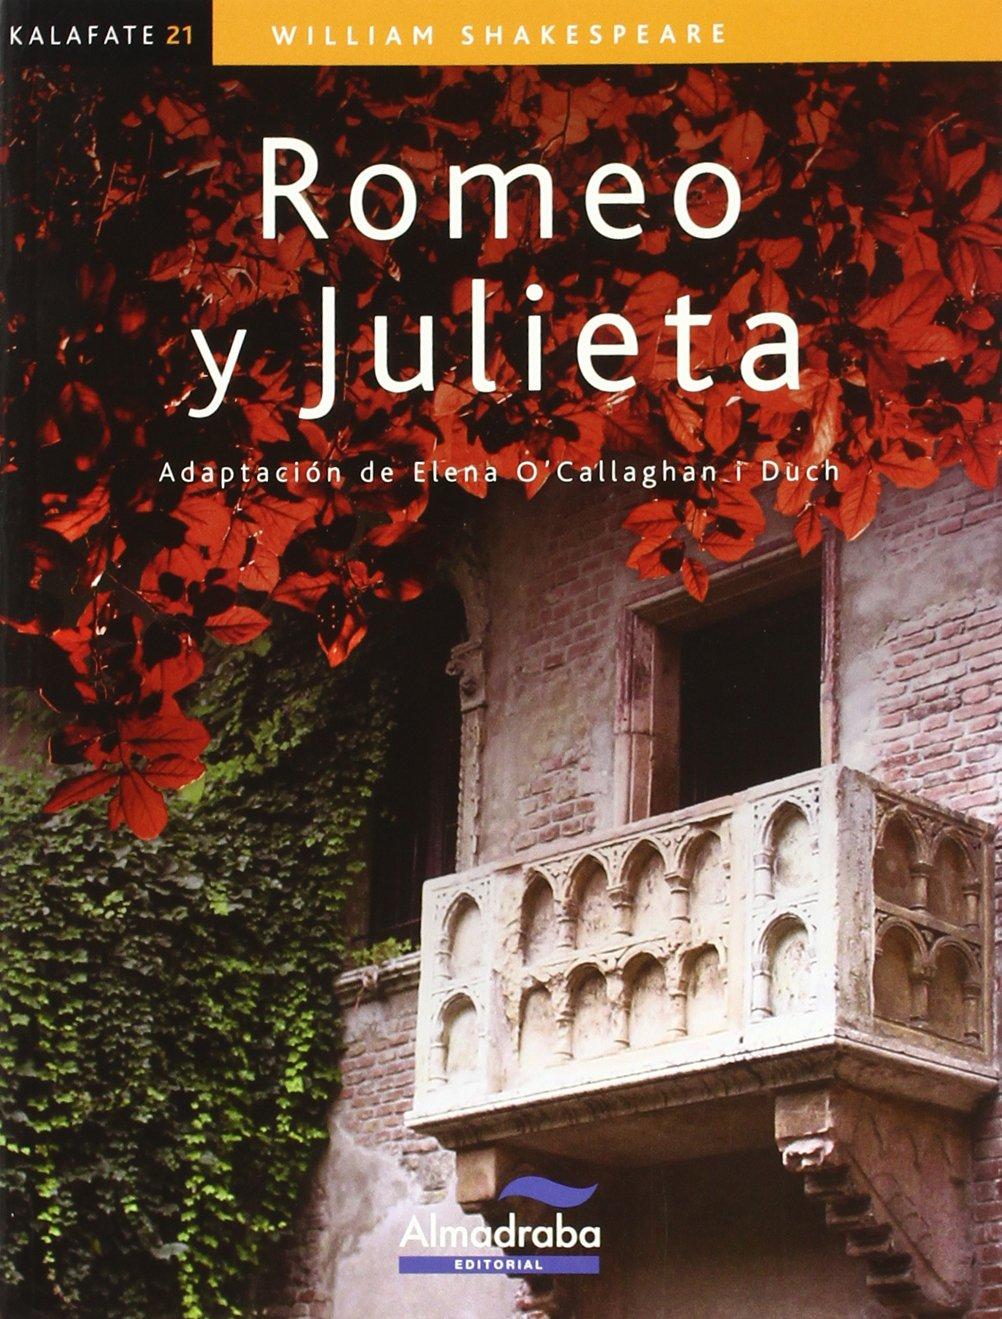 Romeo y Julieta (kalafate) (Colección Kalafate): Amazon.es: Shakespeare, William, Tidor, Penélope, OCallaghan i Duch, Elena, OCallaghan i Duch, Elena: Libros